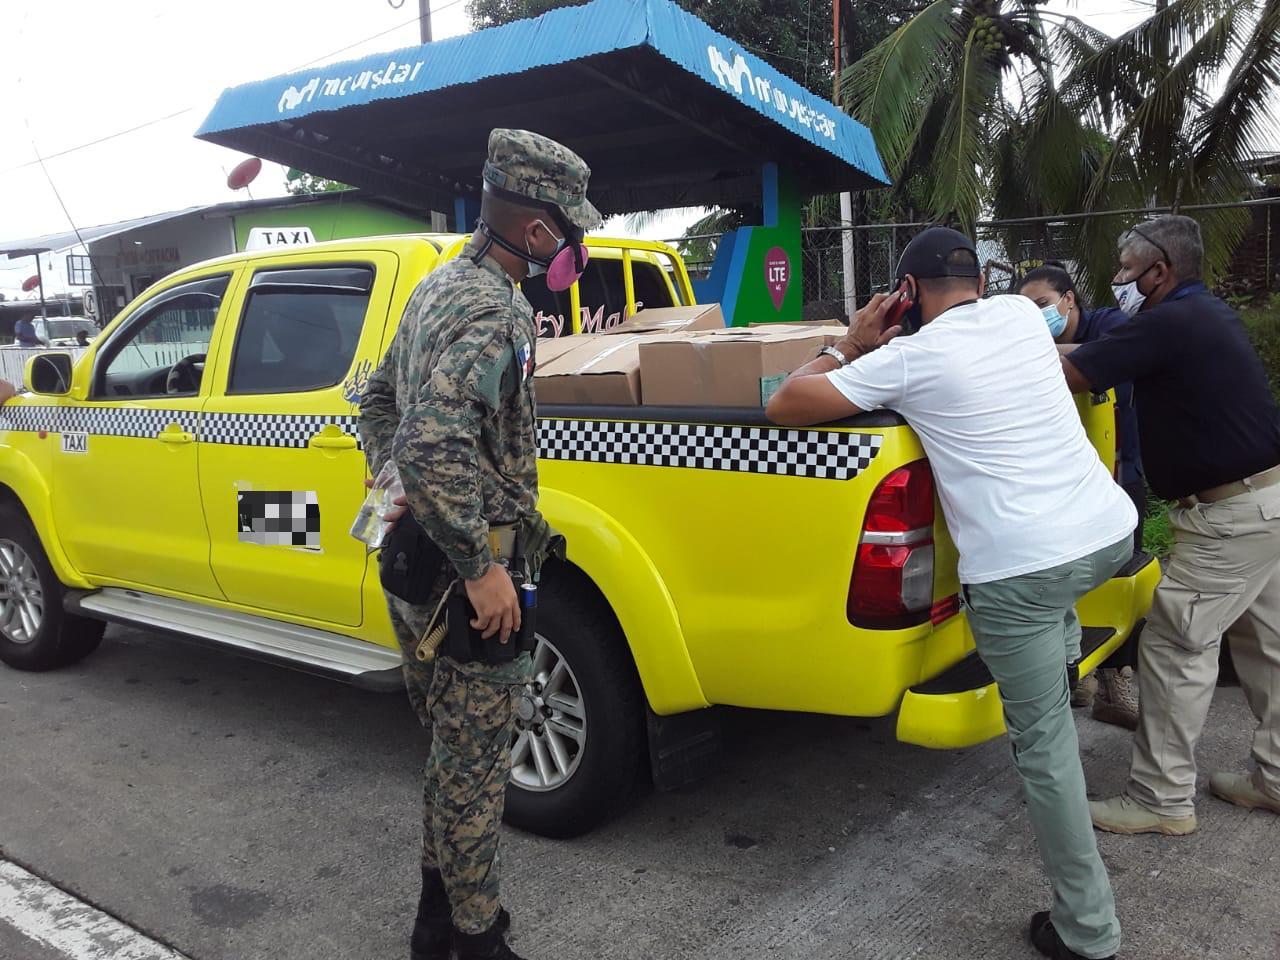 Cae taxista con 18 cajas de fertilizantes de dudosa procedencia en el puesto de control de San Isidiro, Chiriquí